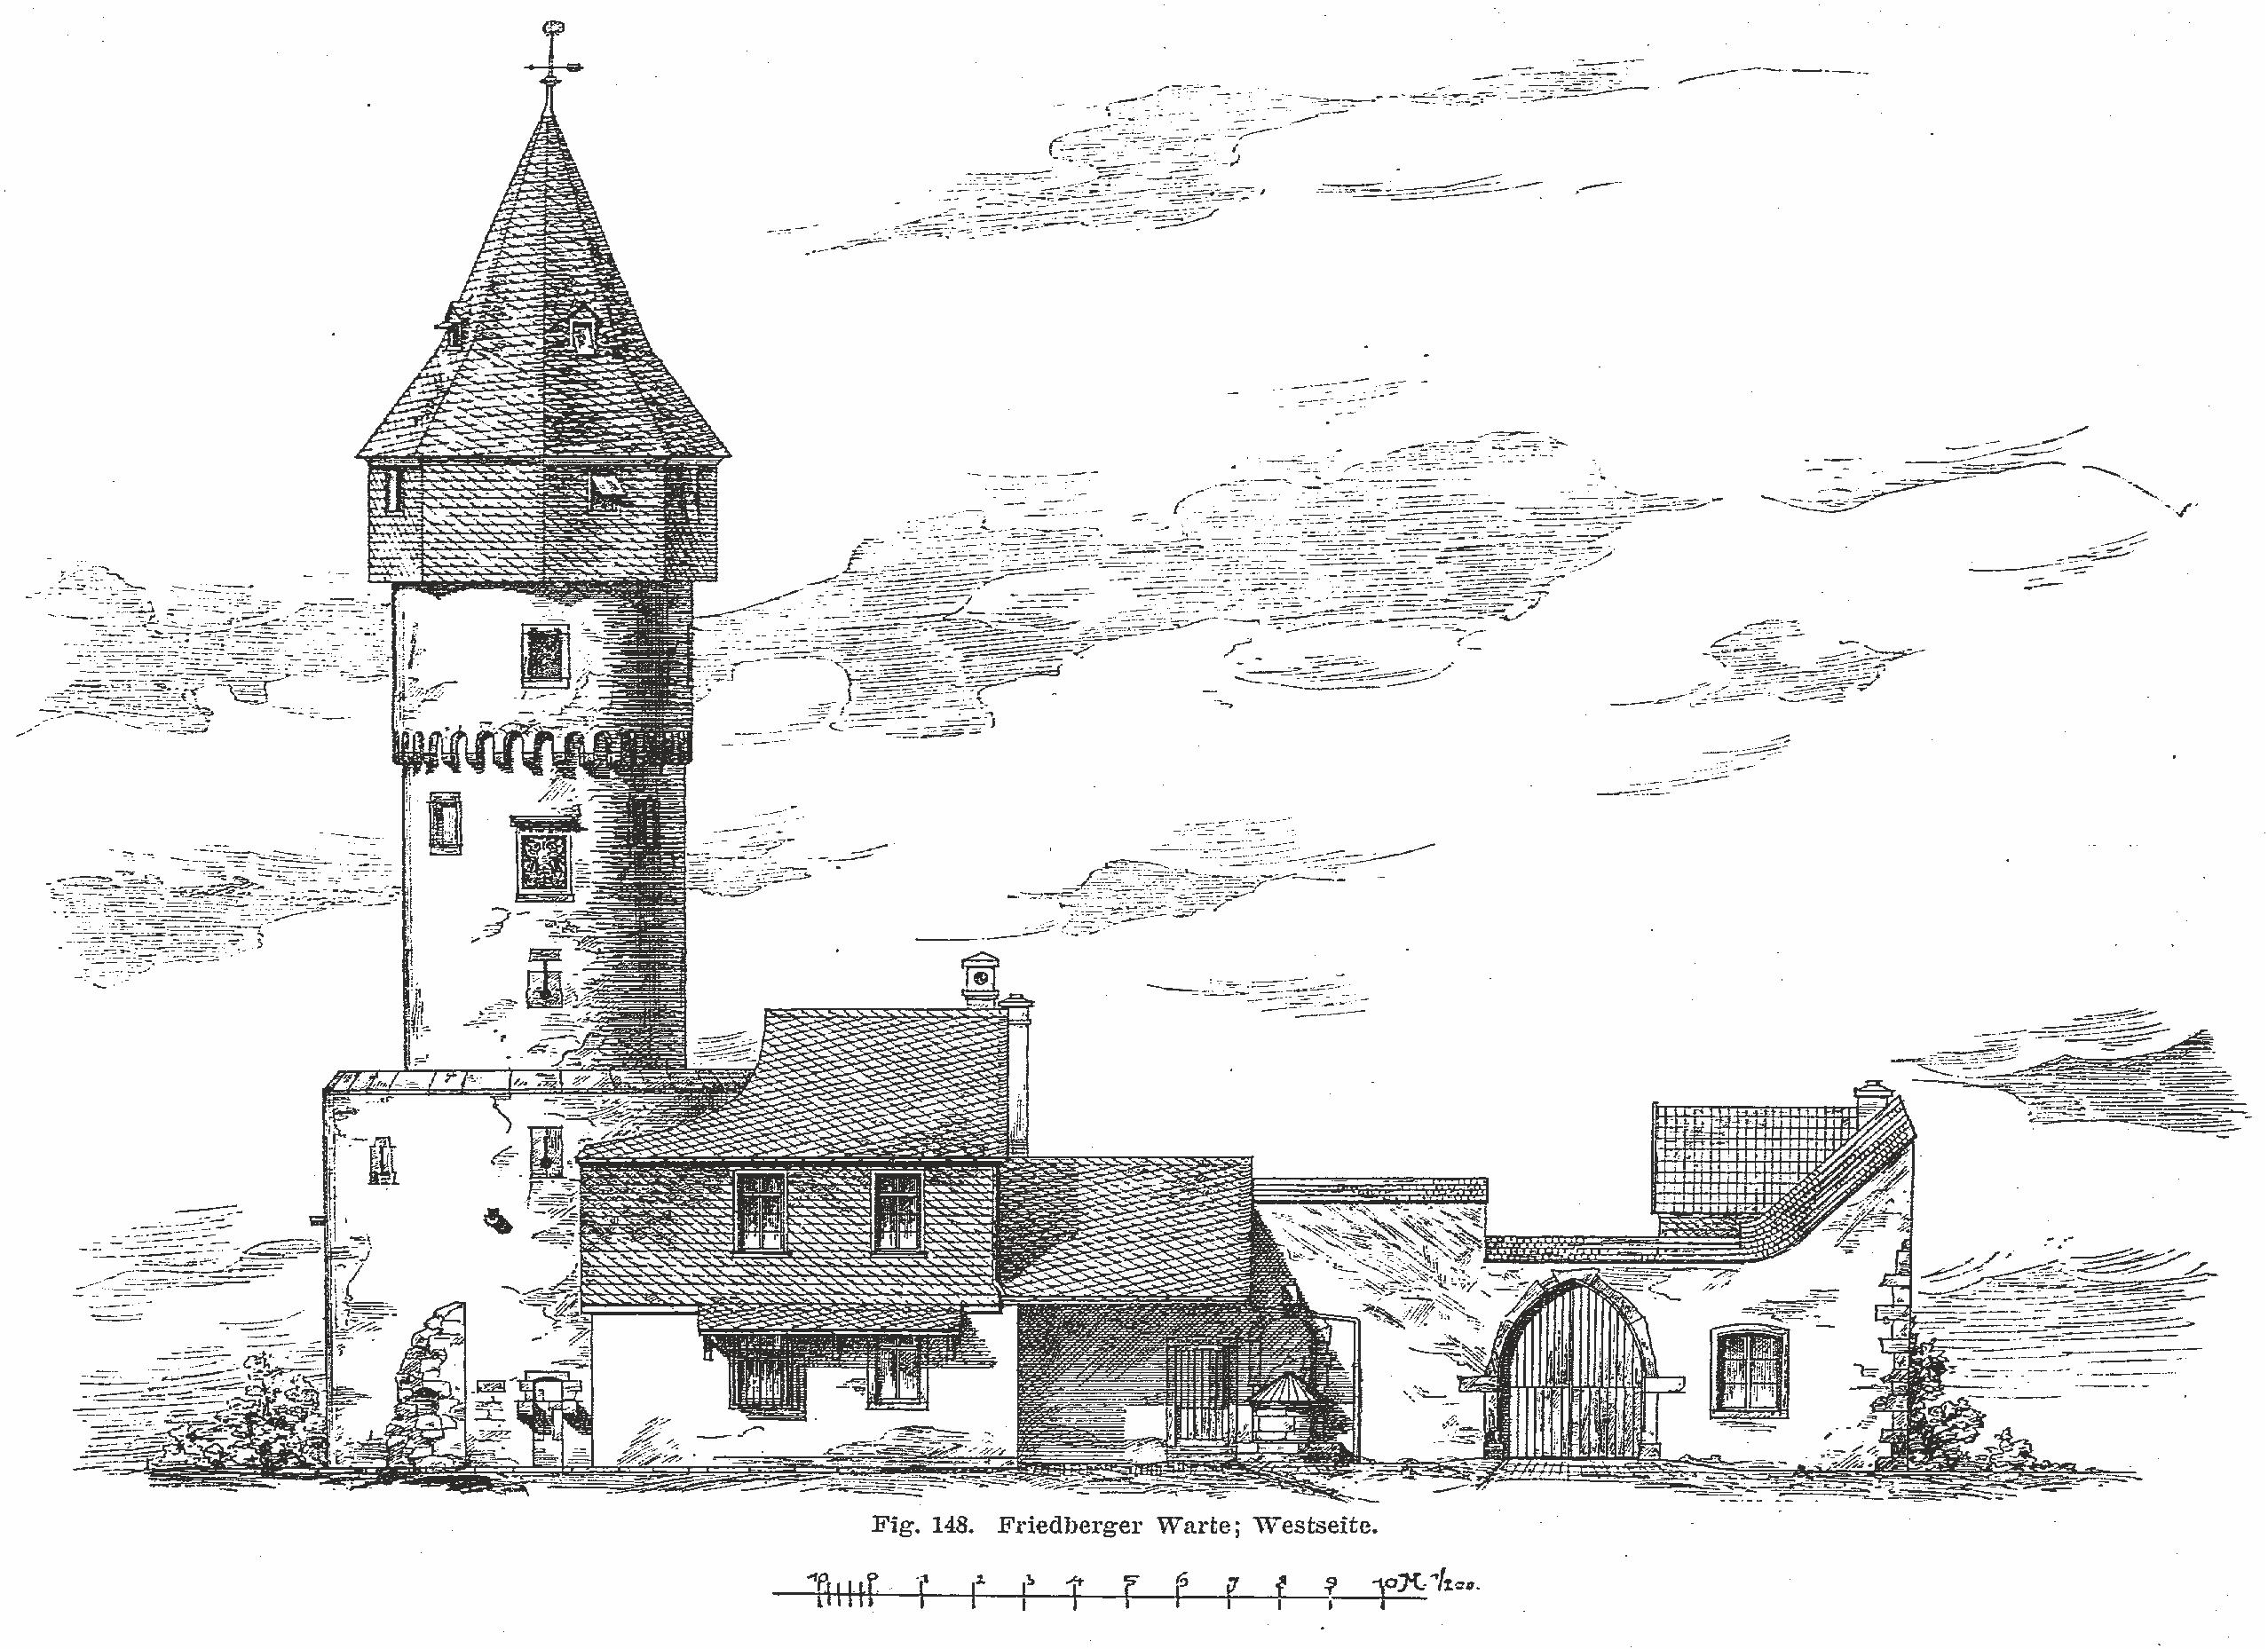 Friedberger Warte - Zeichnung2